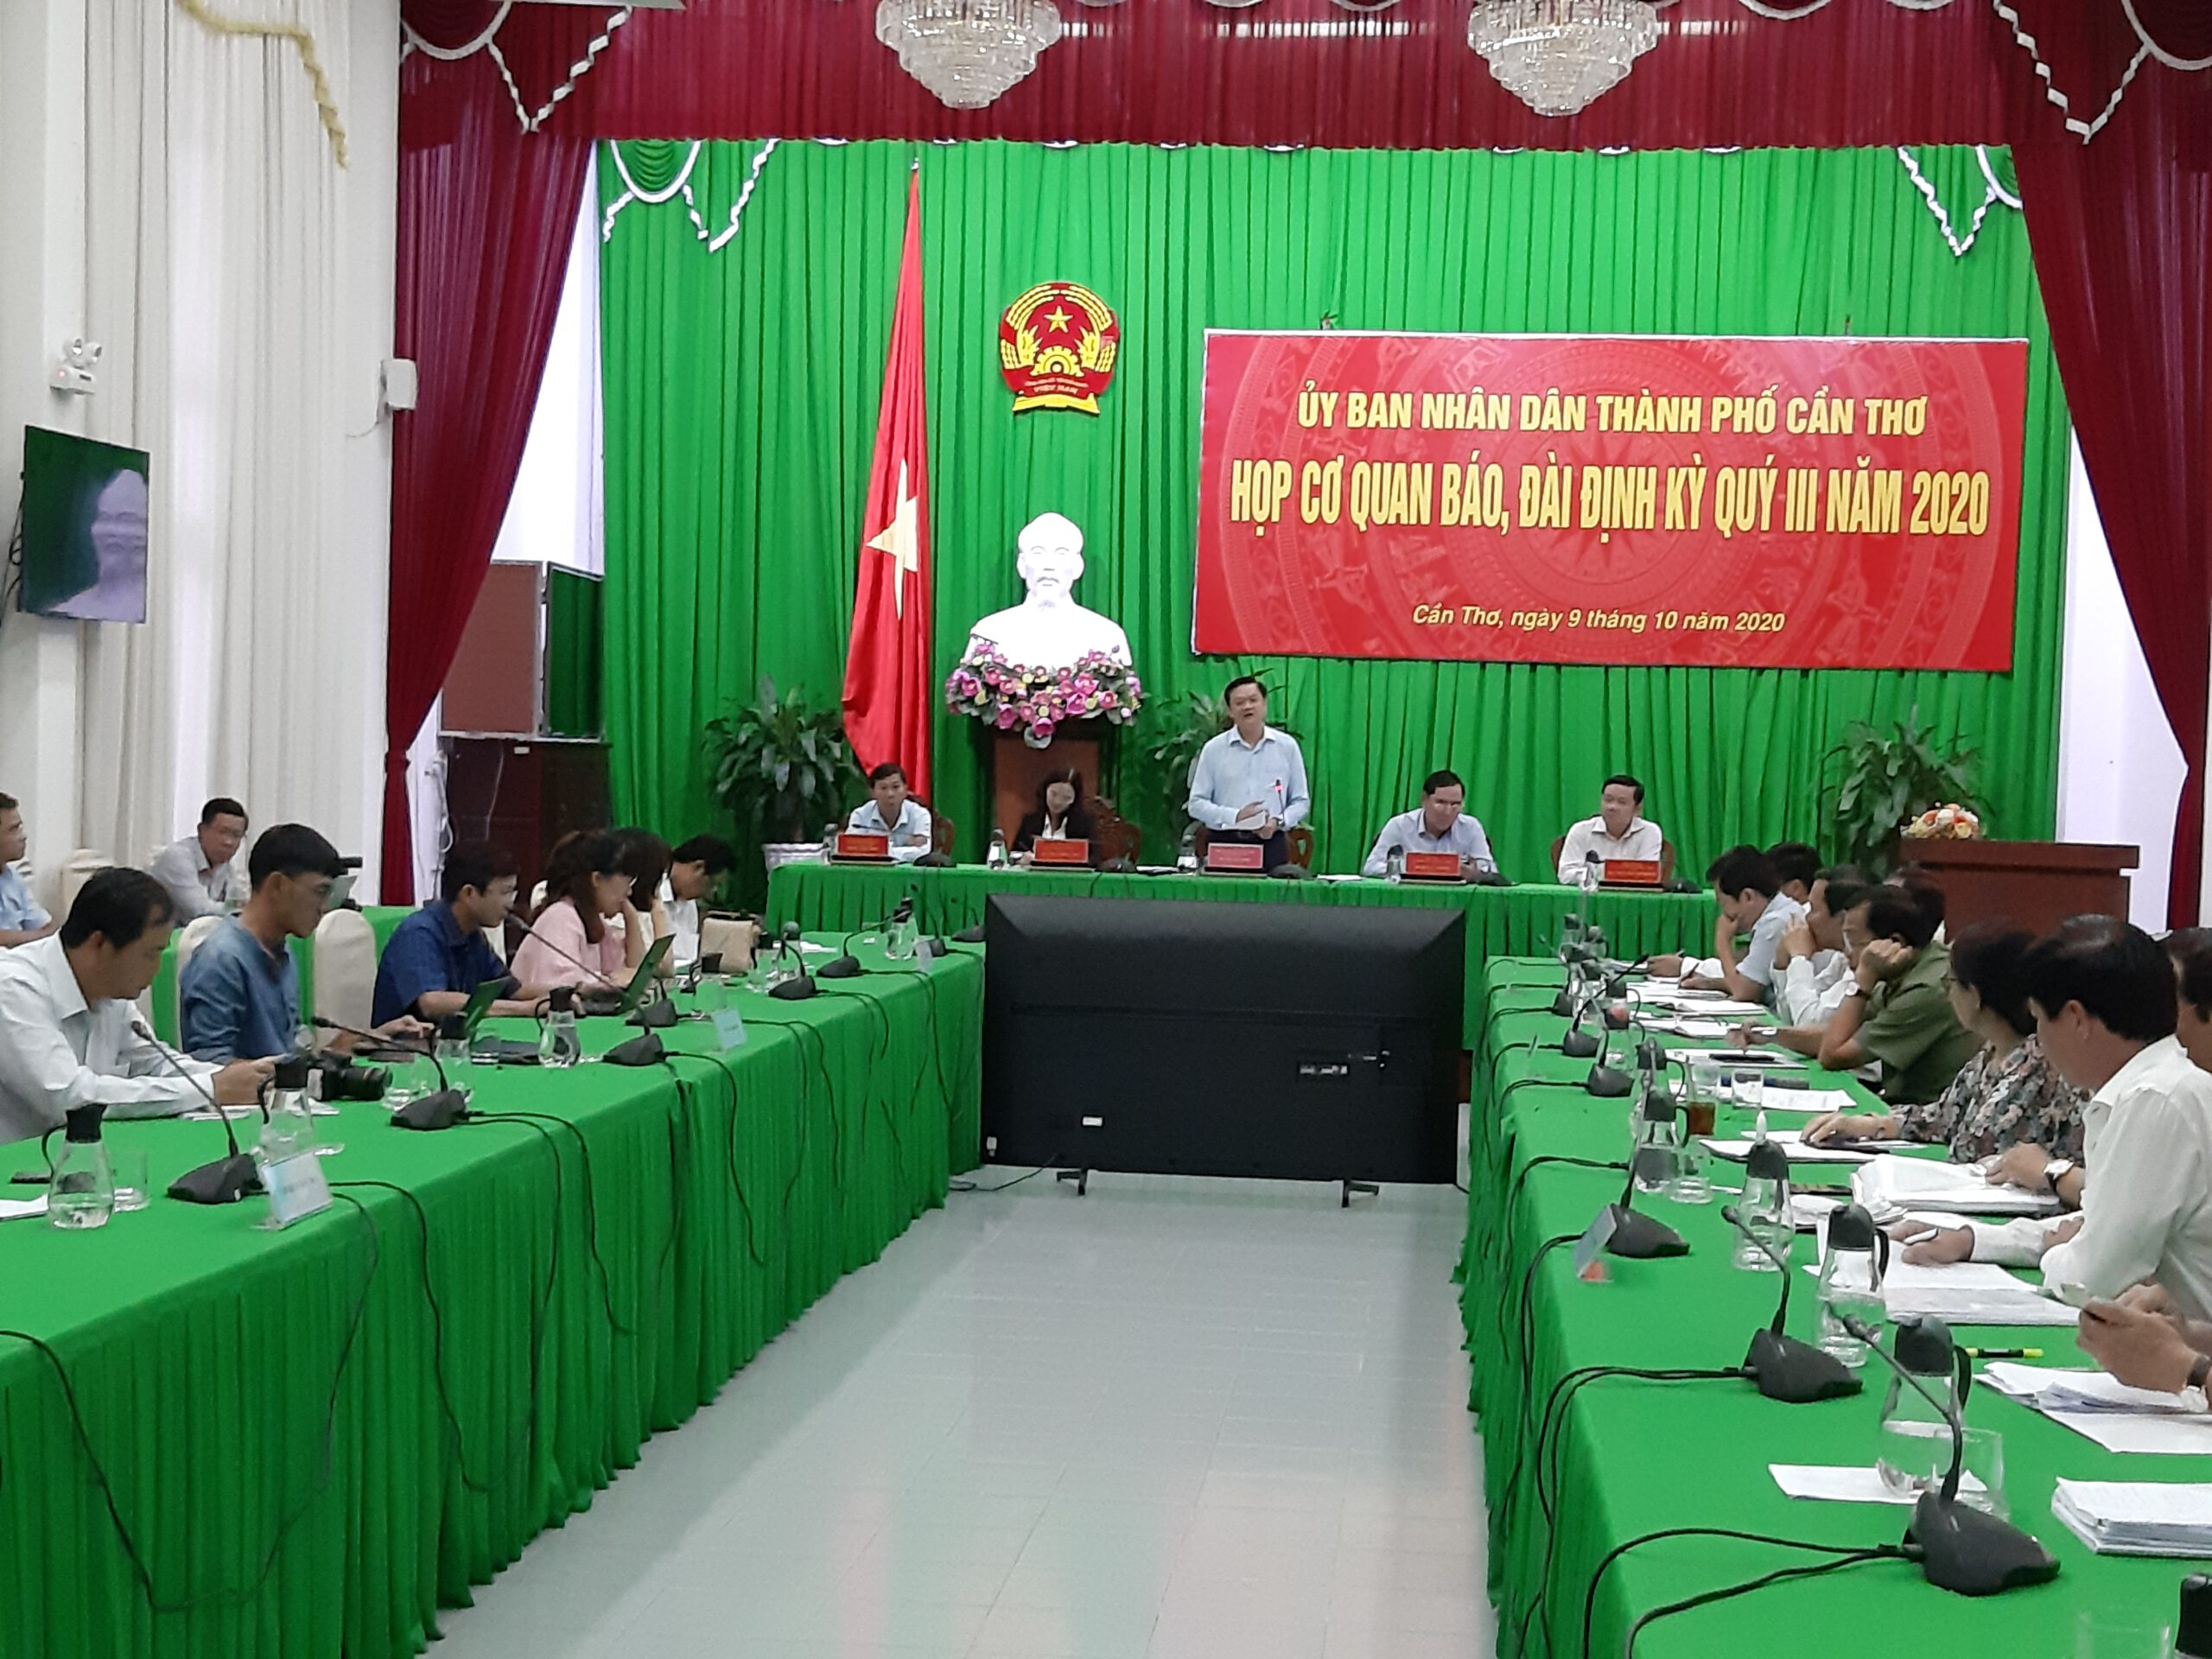 Ông Dương Tấn Hiển, Phó Chủ tịch UBND thành phố phát biểu tại buổi họp báo